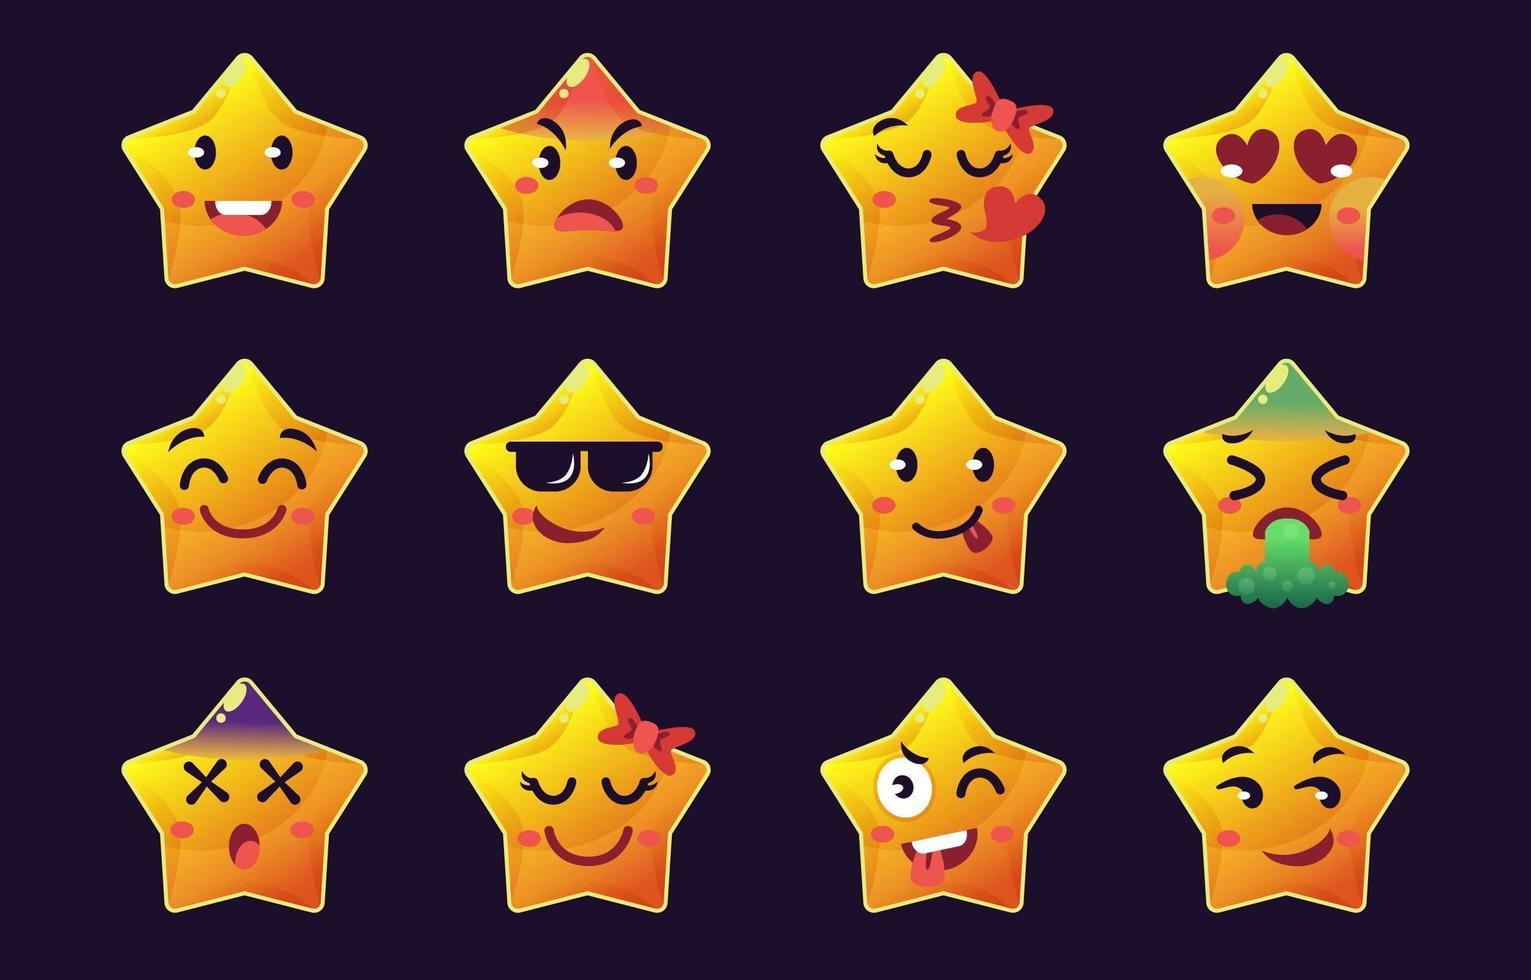 ster emoticon-collecties vector